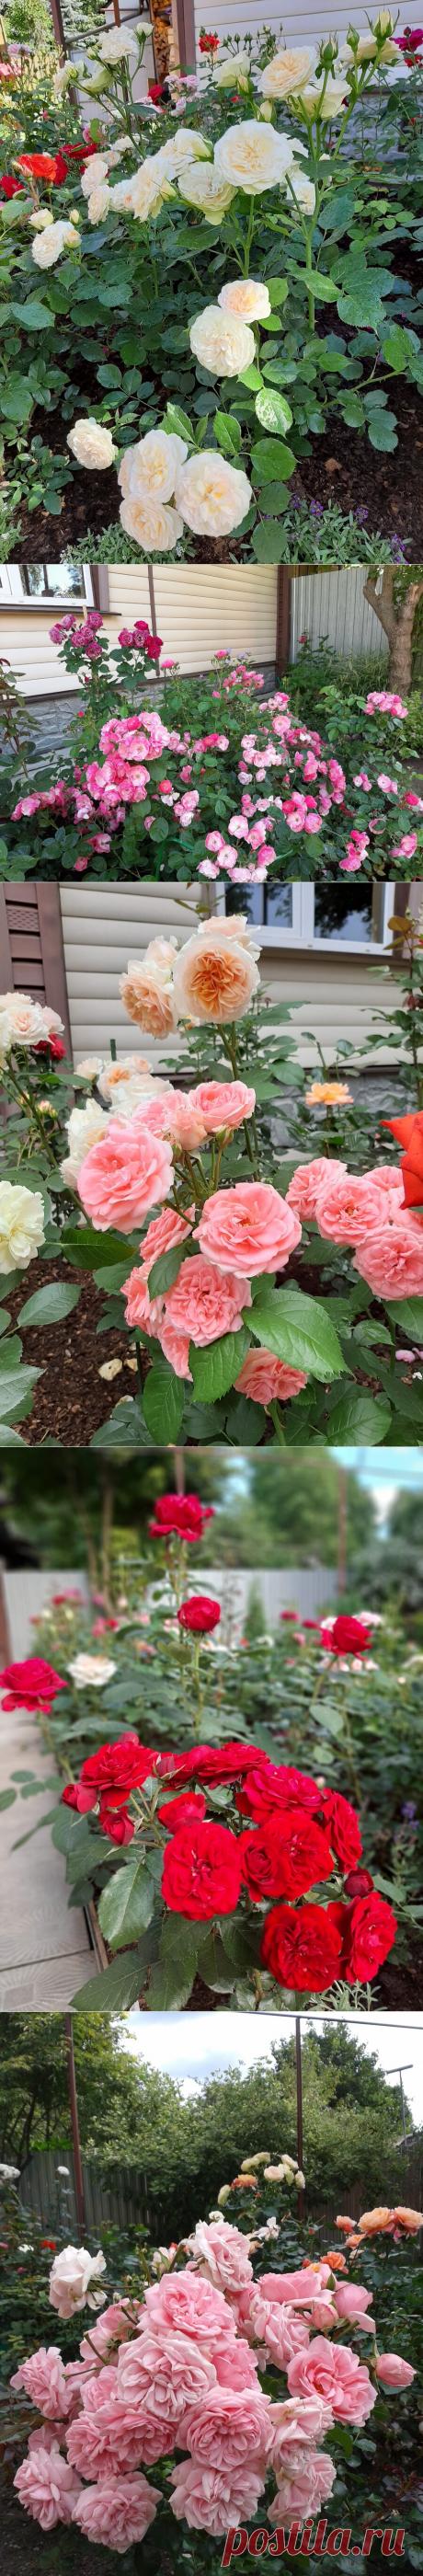 8 самых неприхотливых, красивых и надёжных сортов роз   Майя о розах и не только   Яндекс Дзен